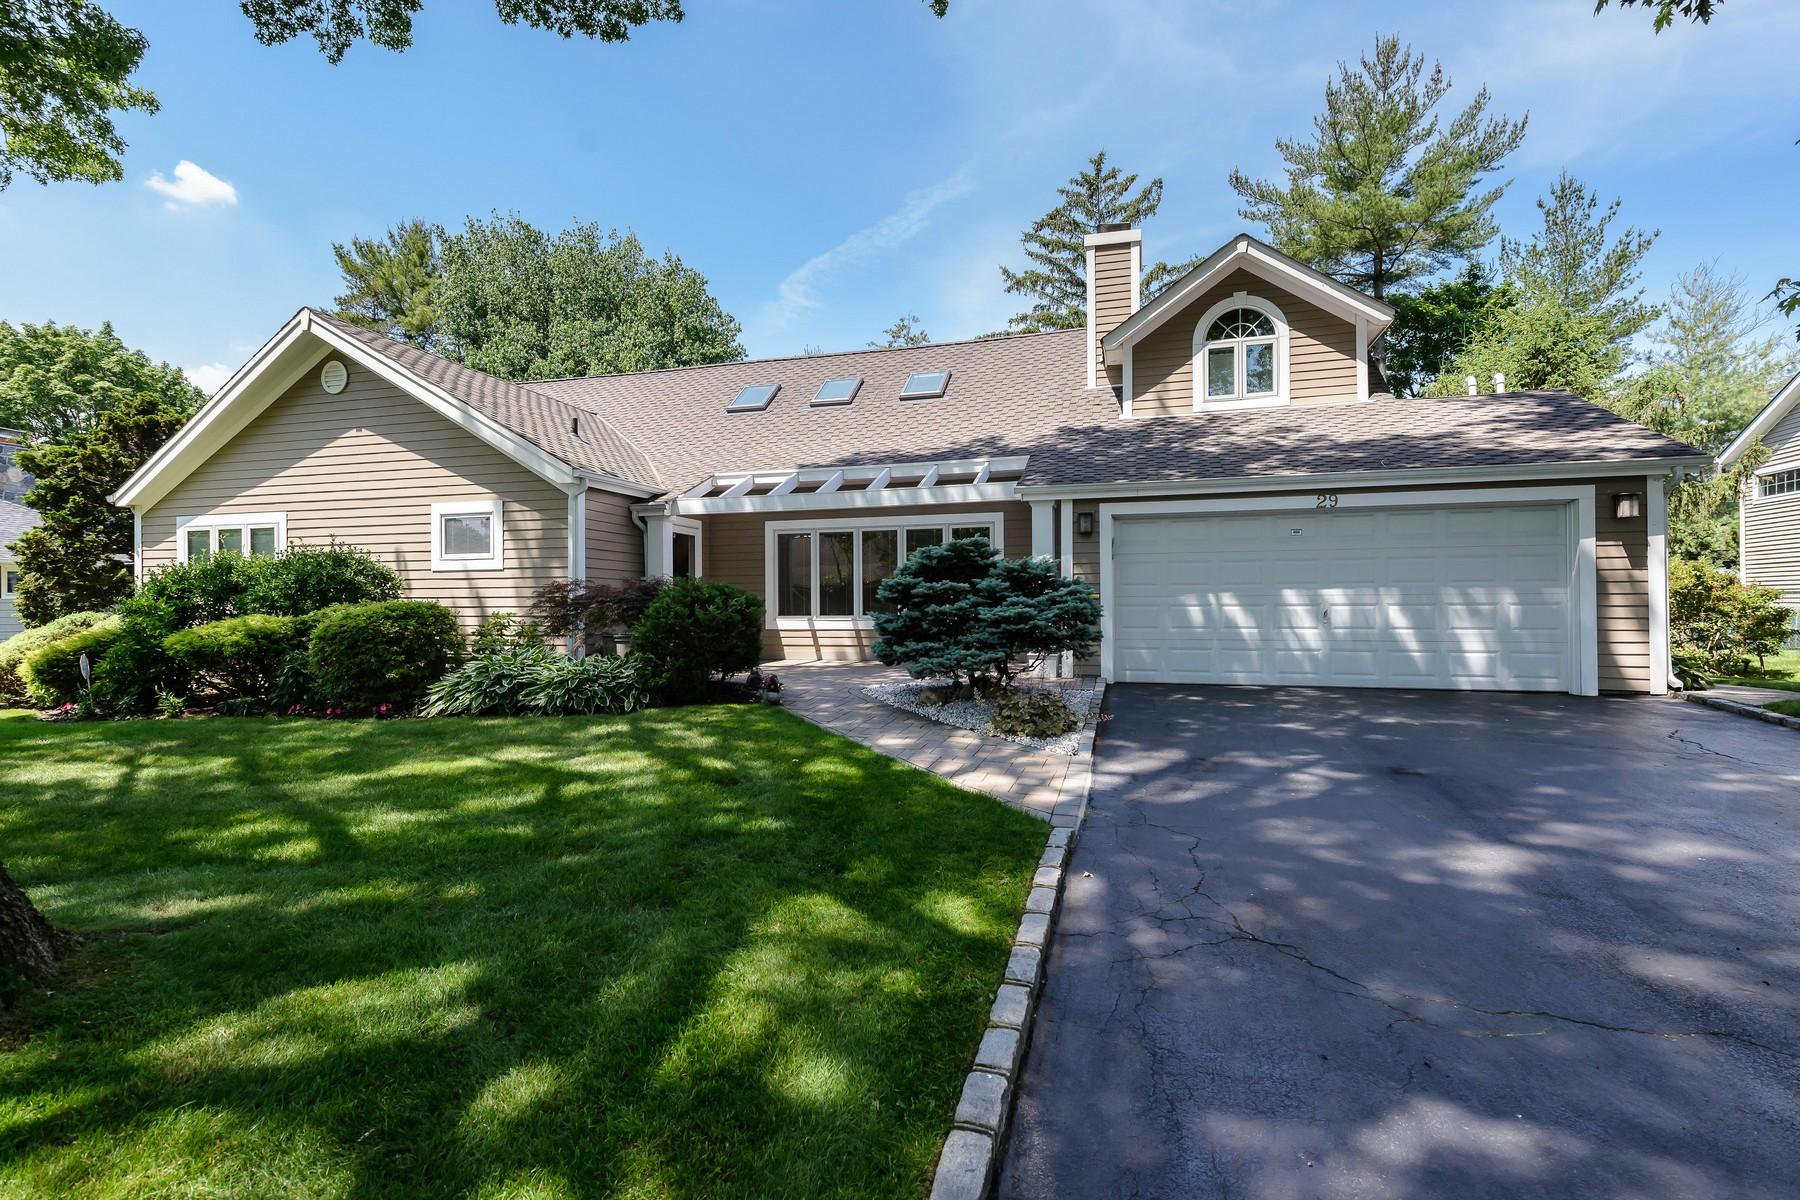 واحد منزل الأسرة للـ Sale في Exp Ranch 29 Arbor Rd East Hills, New York, 11577 United States